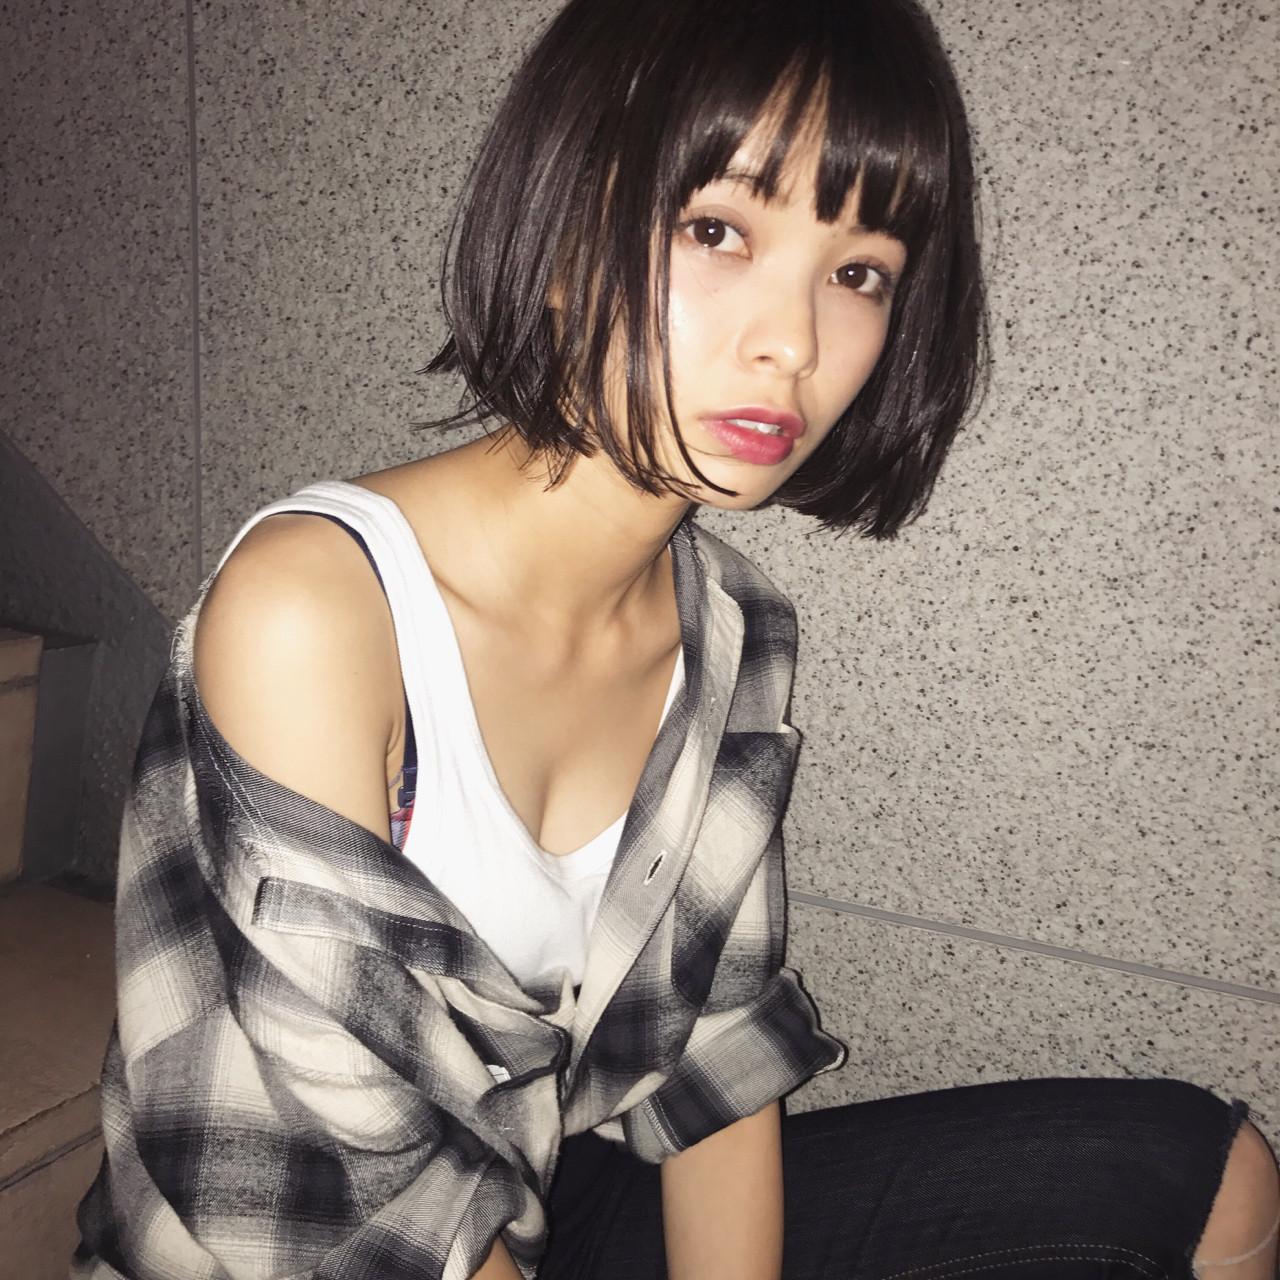 男ウケUP♡黒髪×前髪あり「モテる」ための最強ヘアって知ってた?